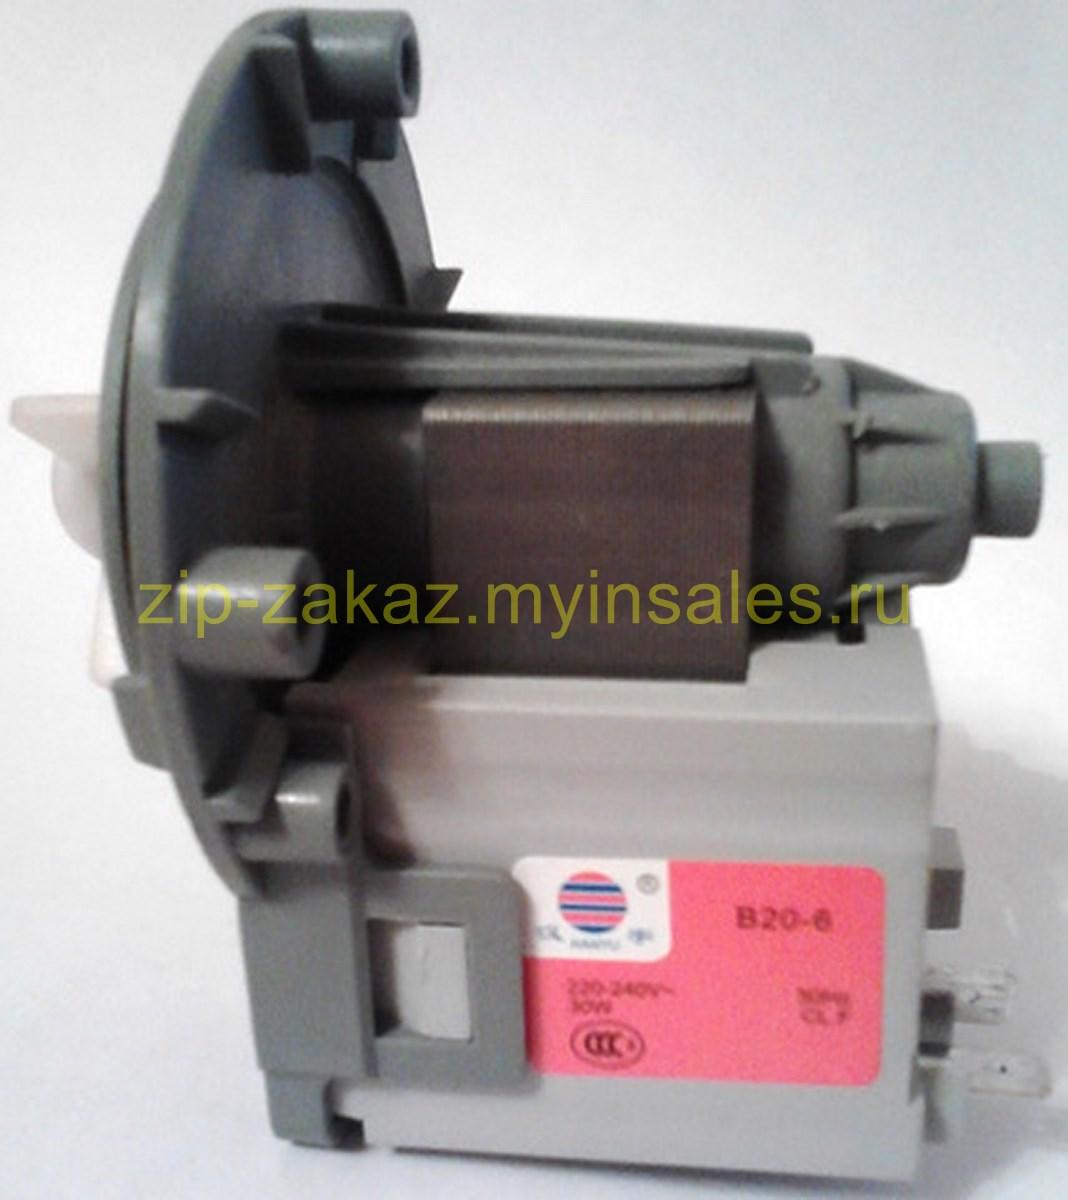 Drain Pump B20-6 Daewoo Samsung